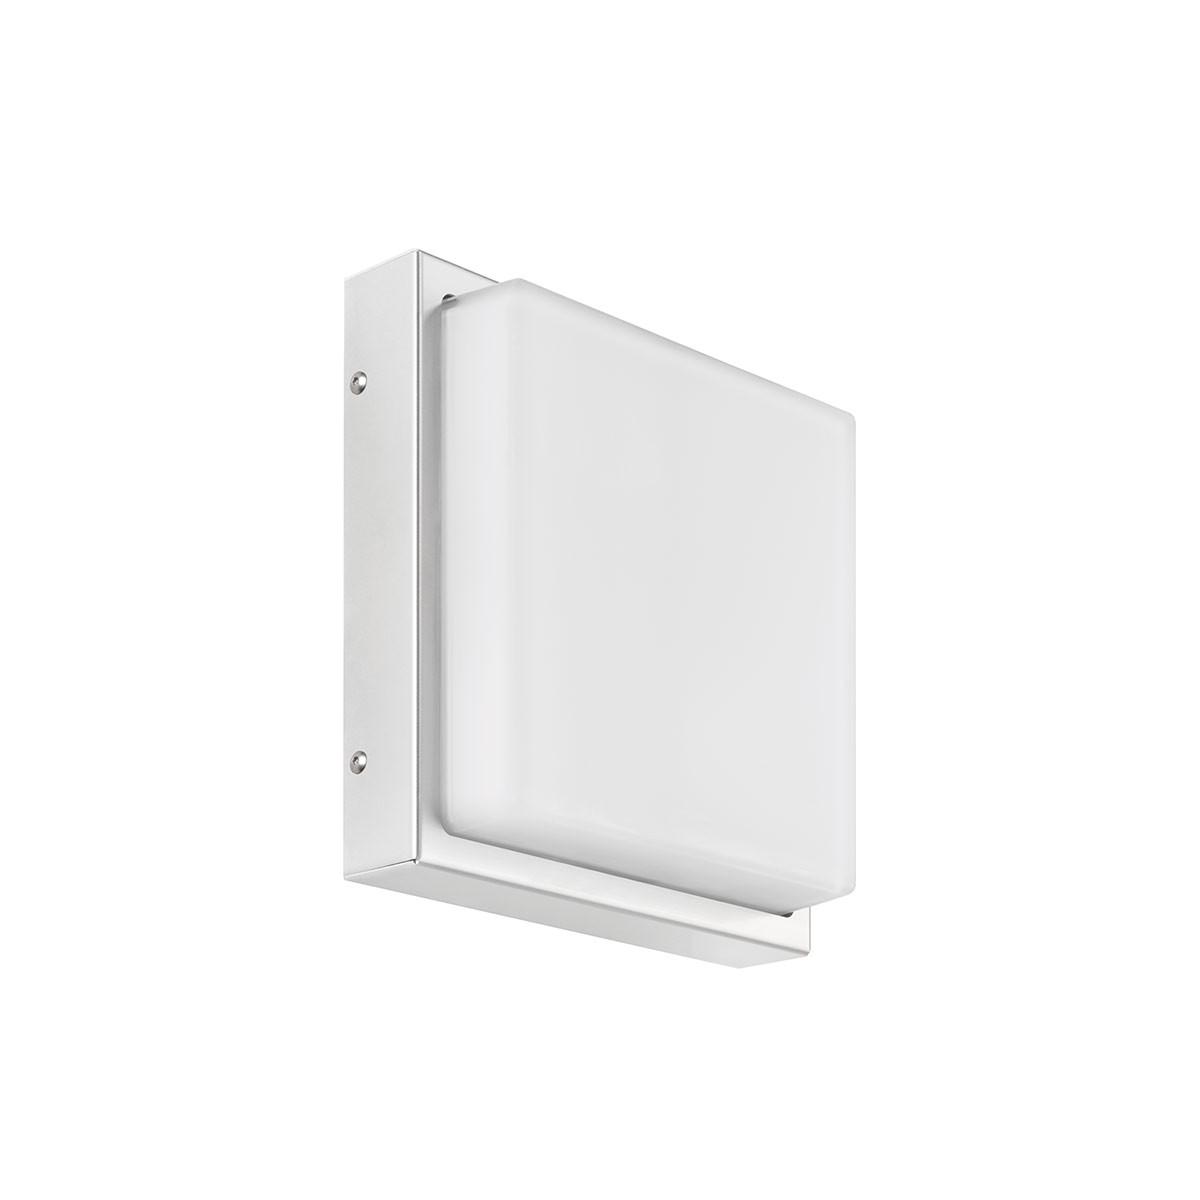 LCD Außenleuchten 046 Wandleuchte, Edelstahl, ohne Bewegungsmelder